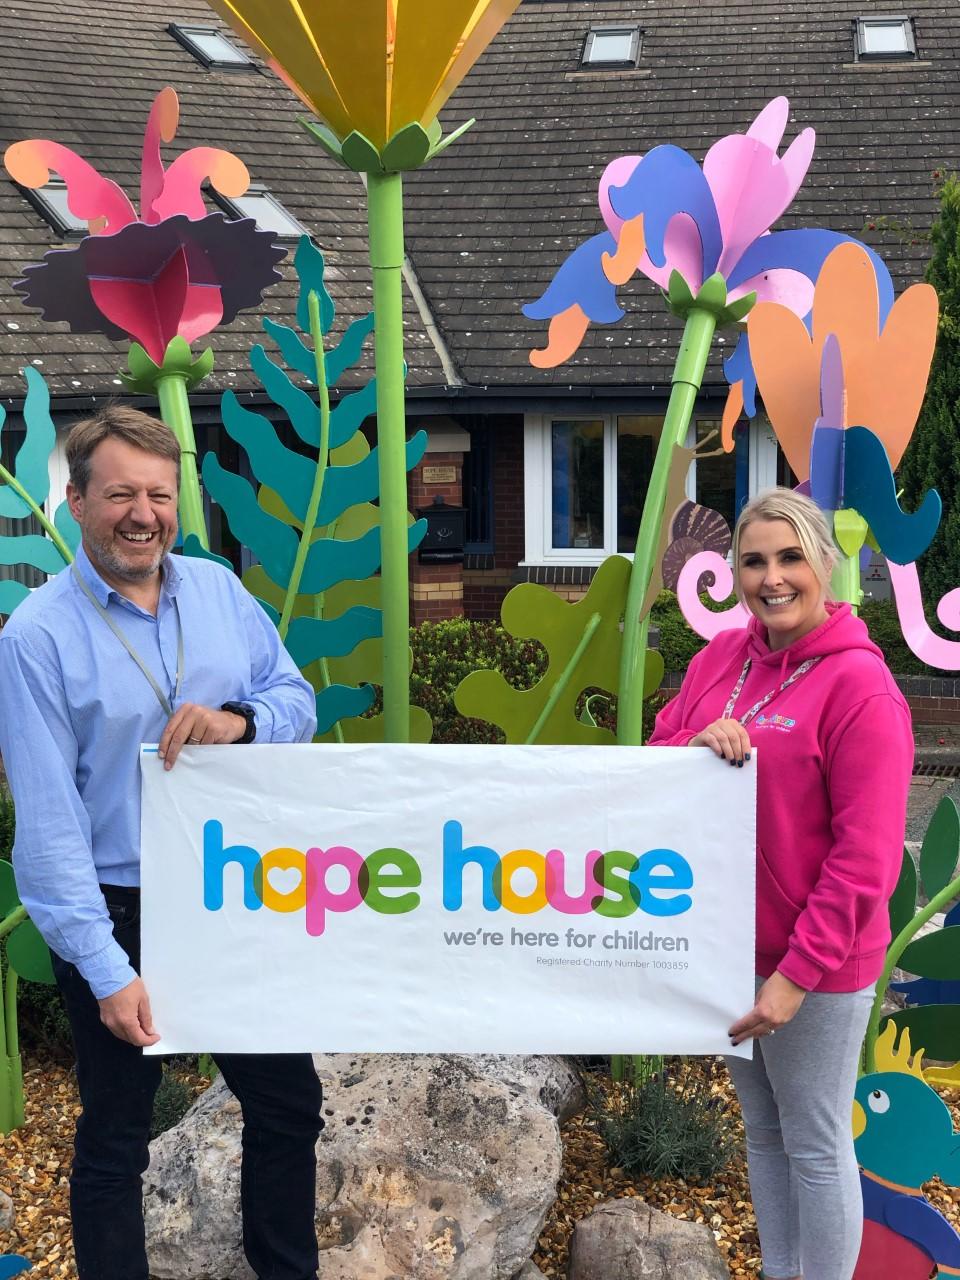 igroup Supports Hope House